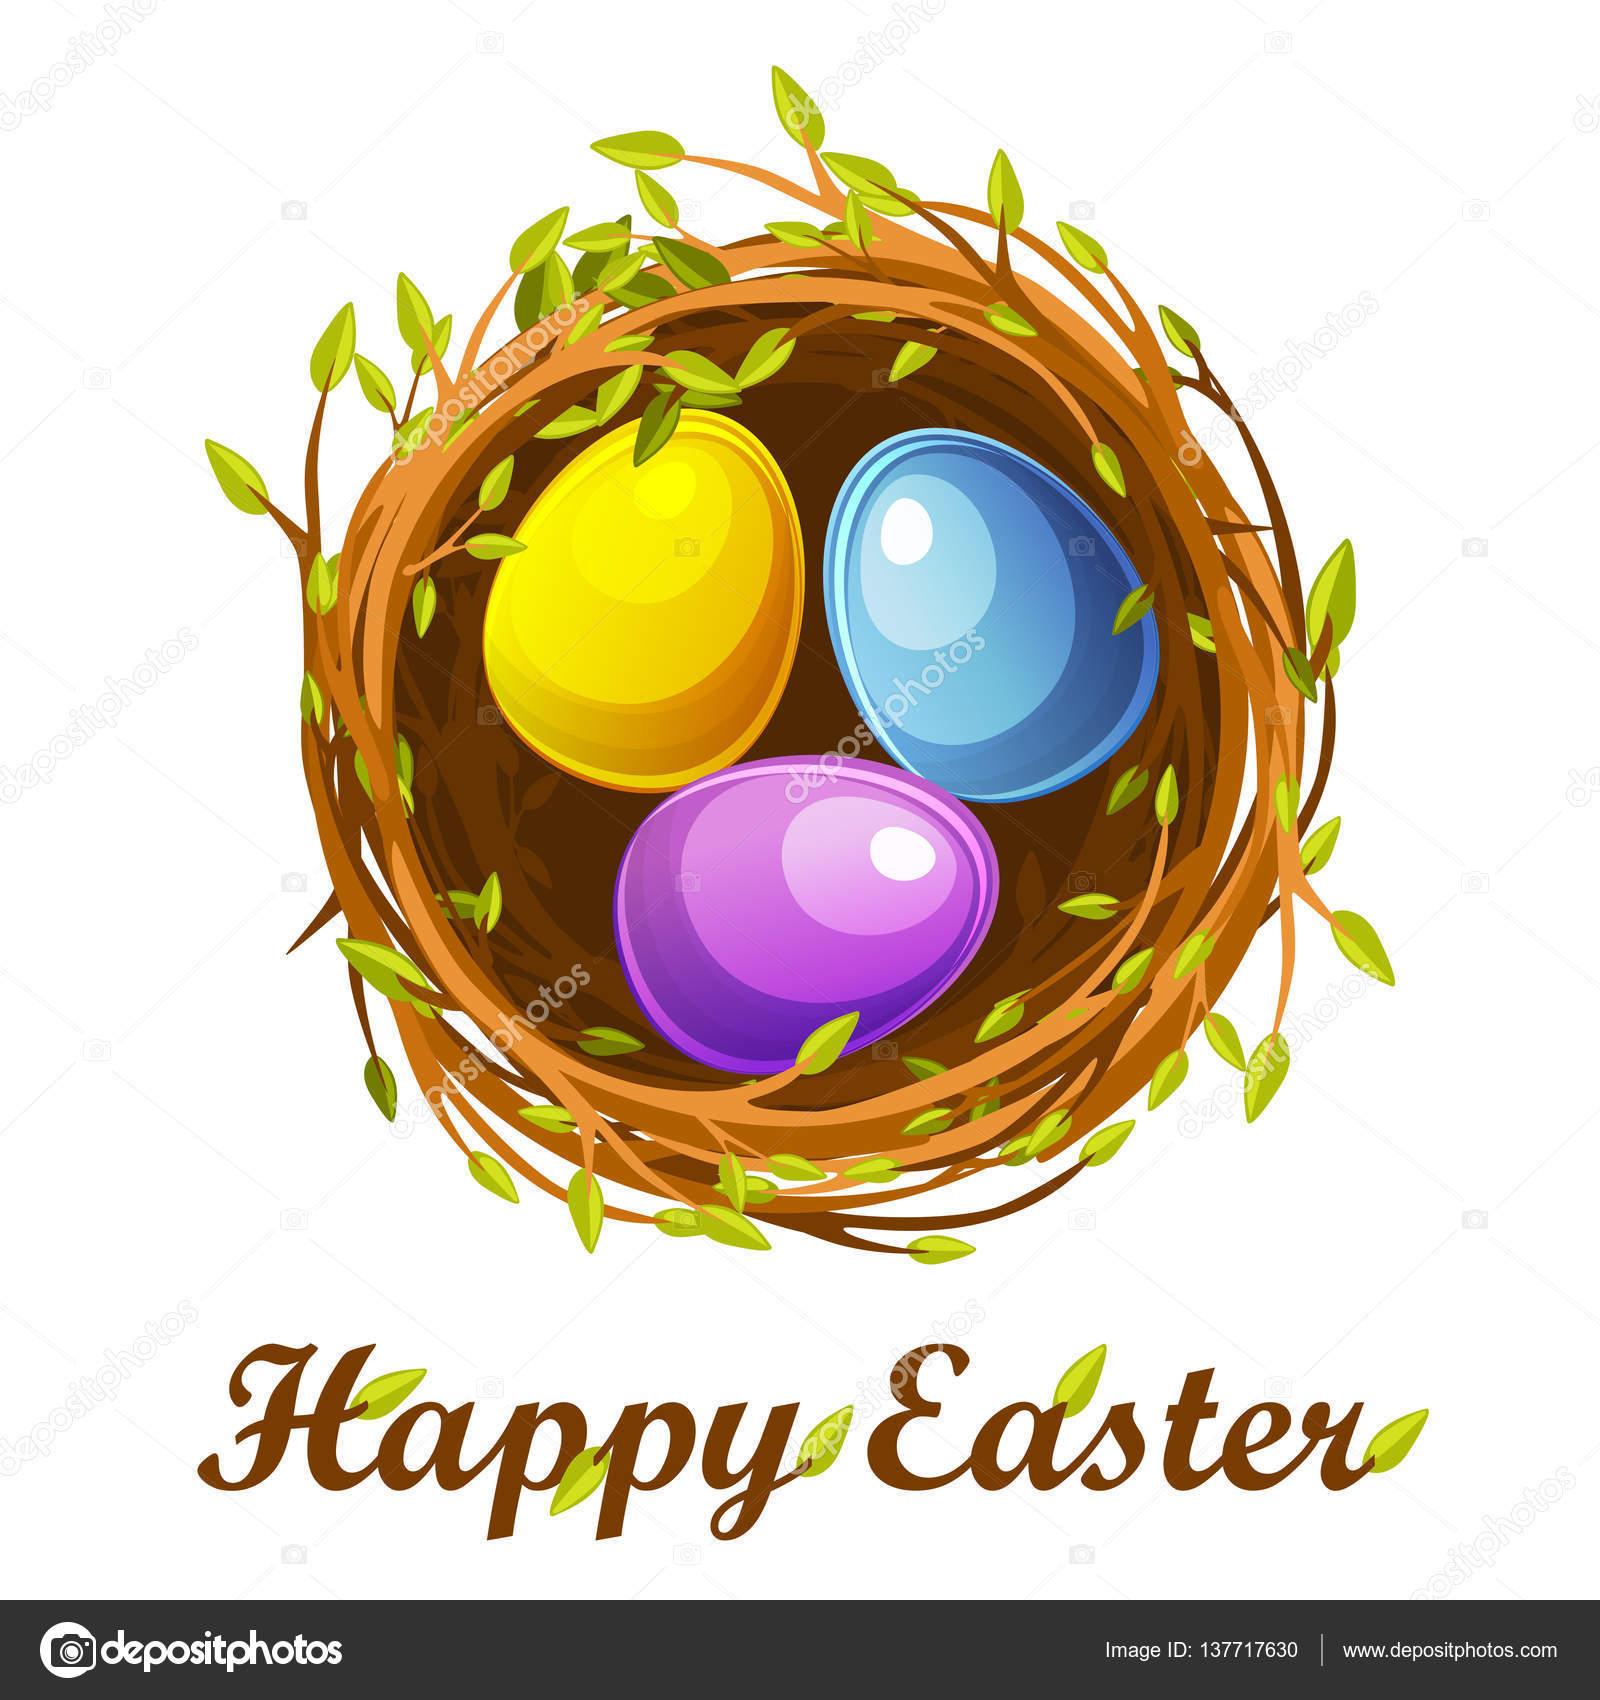 Dessin de paques en couleur dessin coloriage lapin paques coloriage screenshots mandala de - Dessin oeuf de paques couleur ...